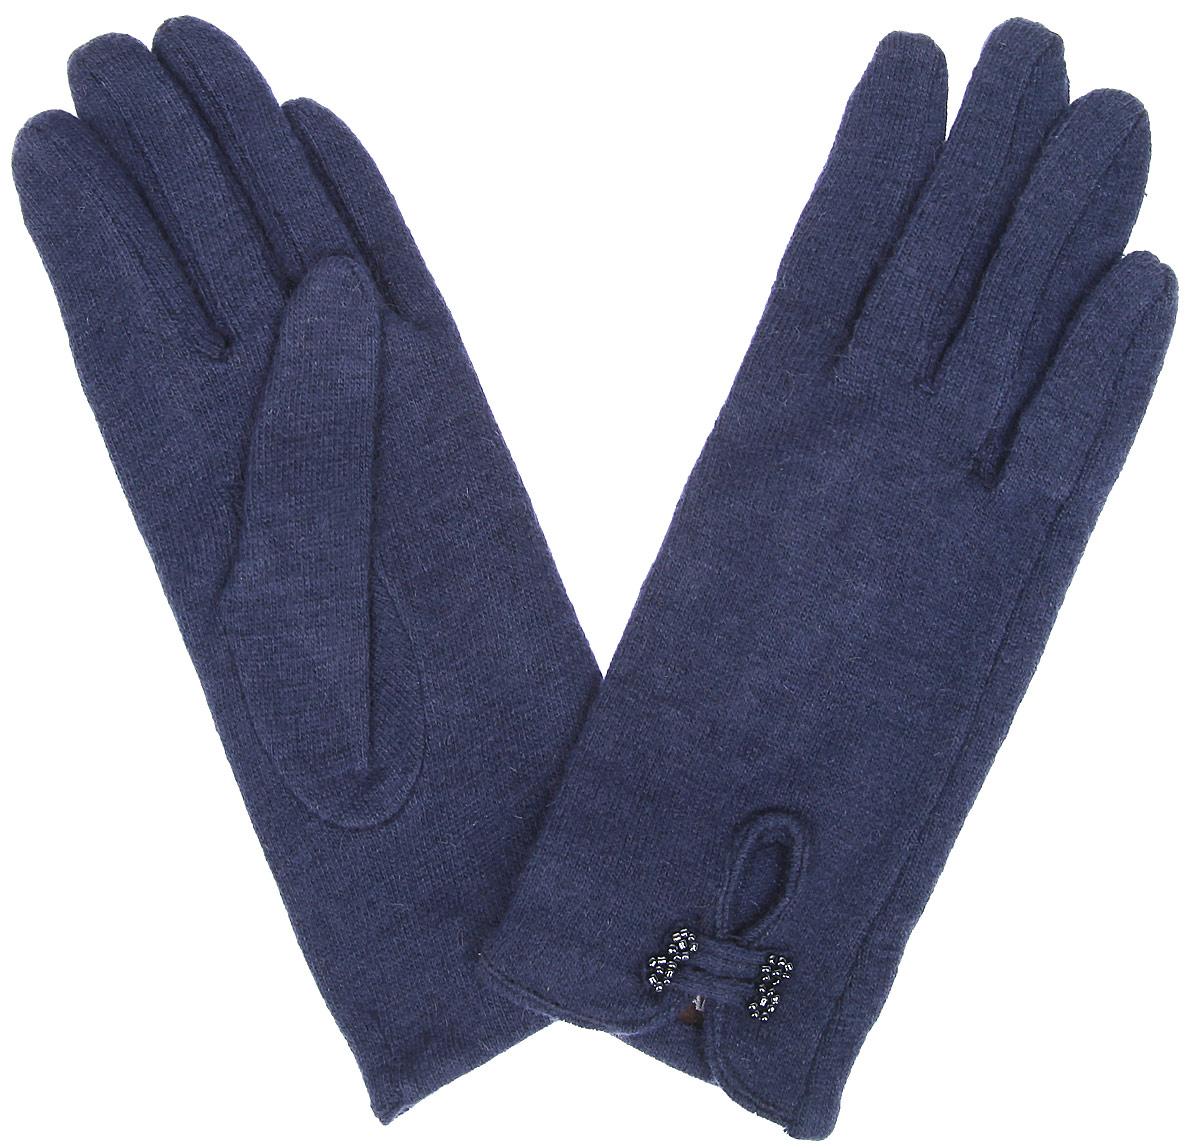 Перчатки женские. LB-PH-55LB-PH-55Стильные женские перчатки Labbra не только защитят ваши руки от холода, но и станут великолепным украшением. Перчатки выполнены из шерсти с добавлением акрила и ангоры. Модель оформлена декоративным вырезом с планками, отделанными бисером. Нижний край перчатки и разрез на лицевой стороне окантованы материалом перчатки. В настоящее время перчатки являются неотъемлемой частью одежды, вместе с этим аксессуаром вы обретаете женственность и элегантность. Перчатки станут завершающим и подчеркивающим элементом вашего стиля и неповторимости.